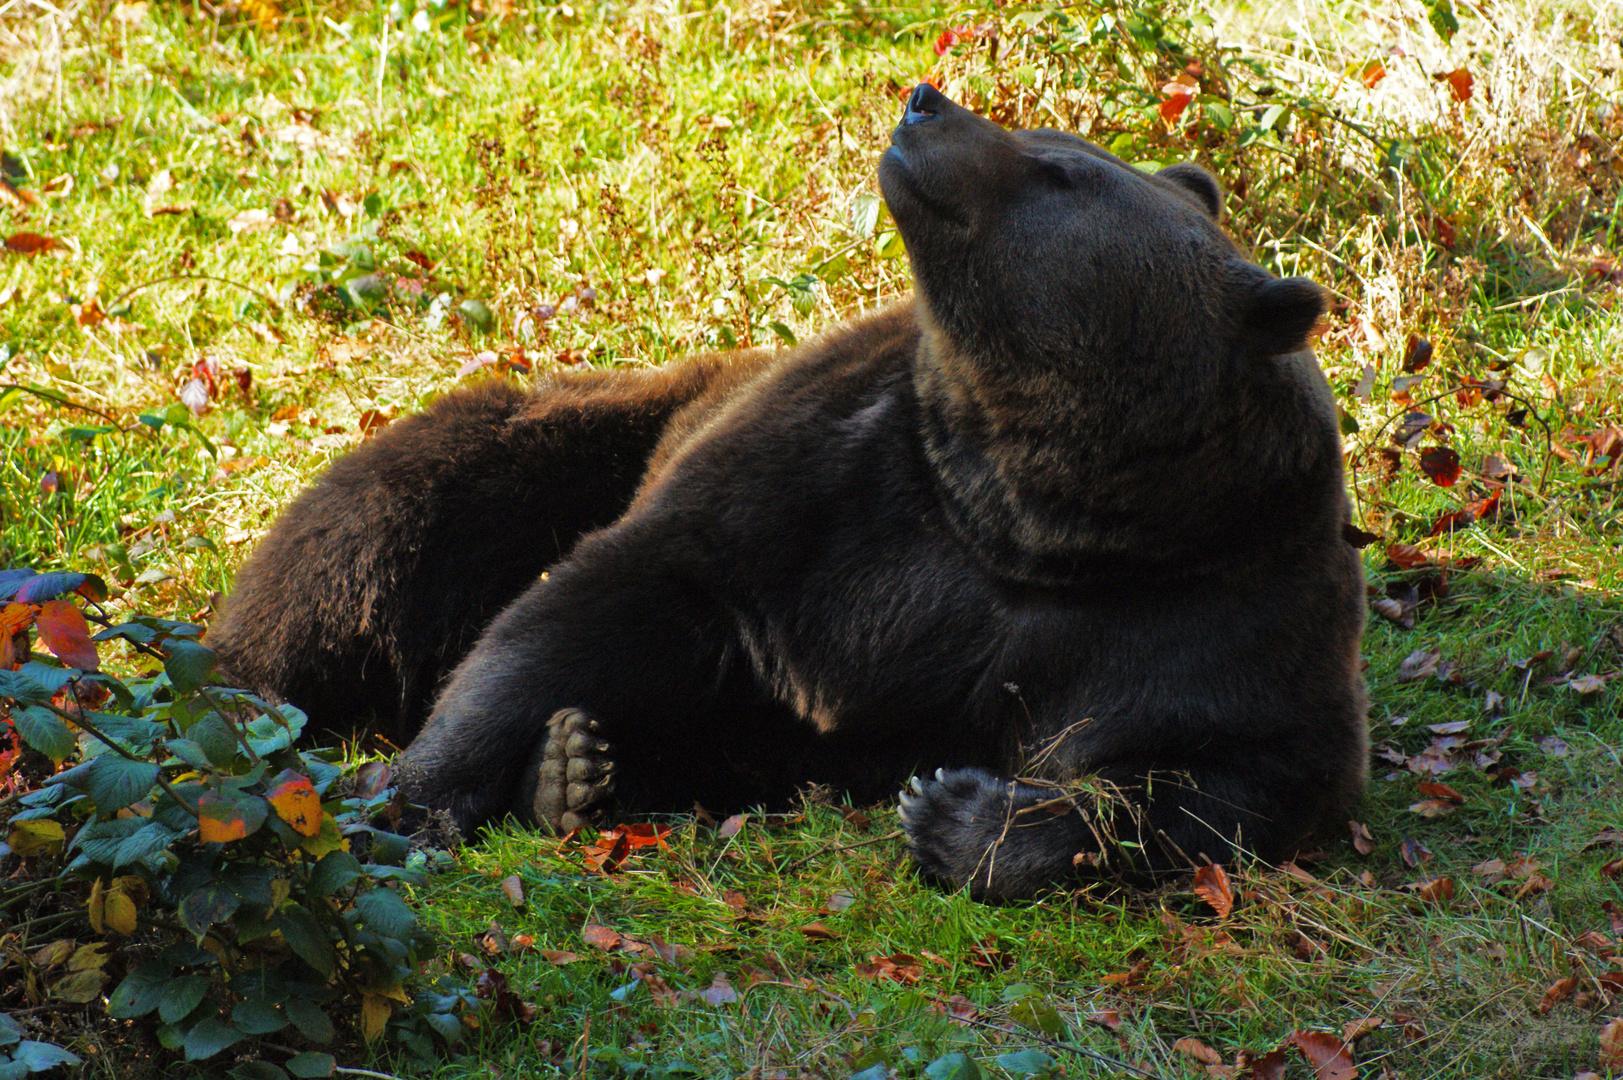 Der Bär genießt den Tag...